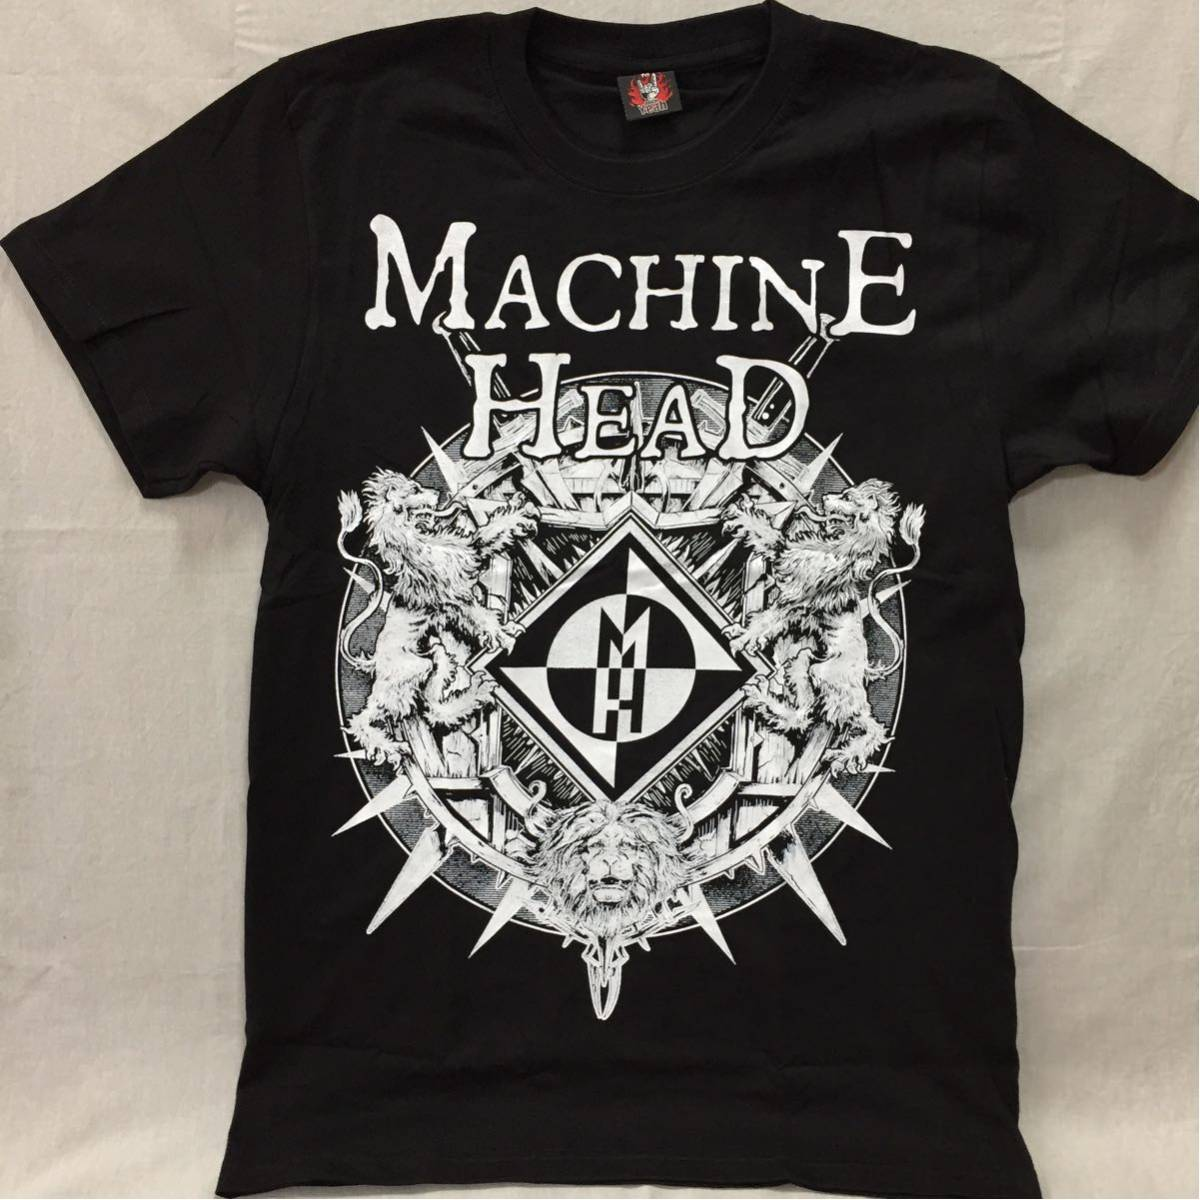 バンドTシャツ マシーンヘッド(MACHINE HEAD) 新品 M